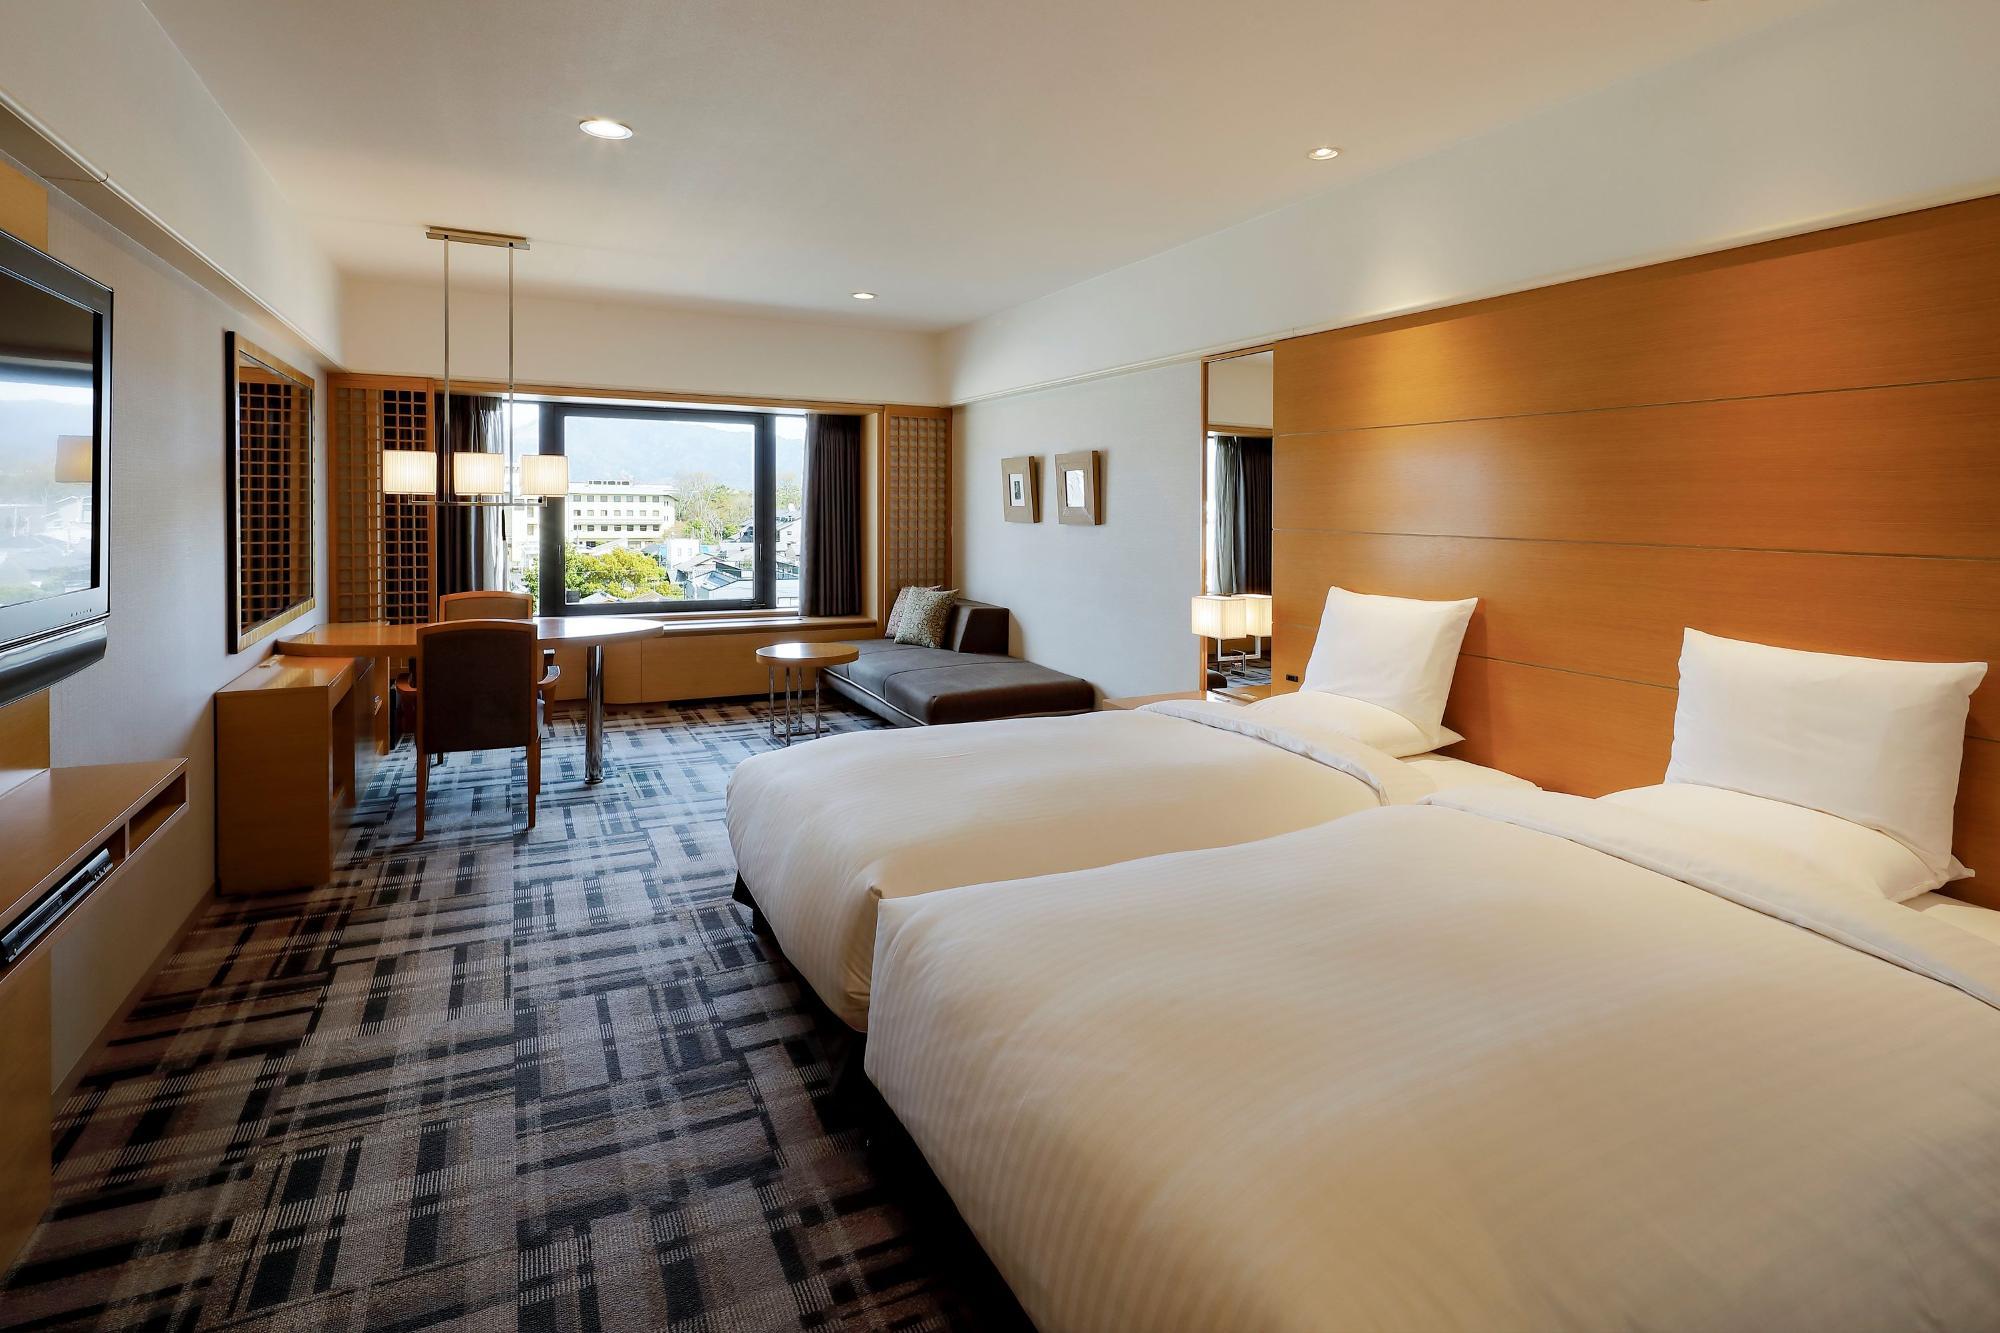 京都ブライトンホテル客室 京都ブライトンホテル提供